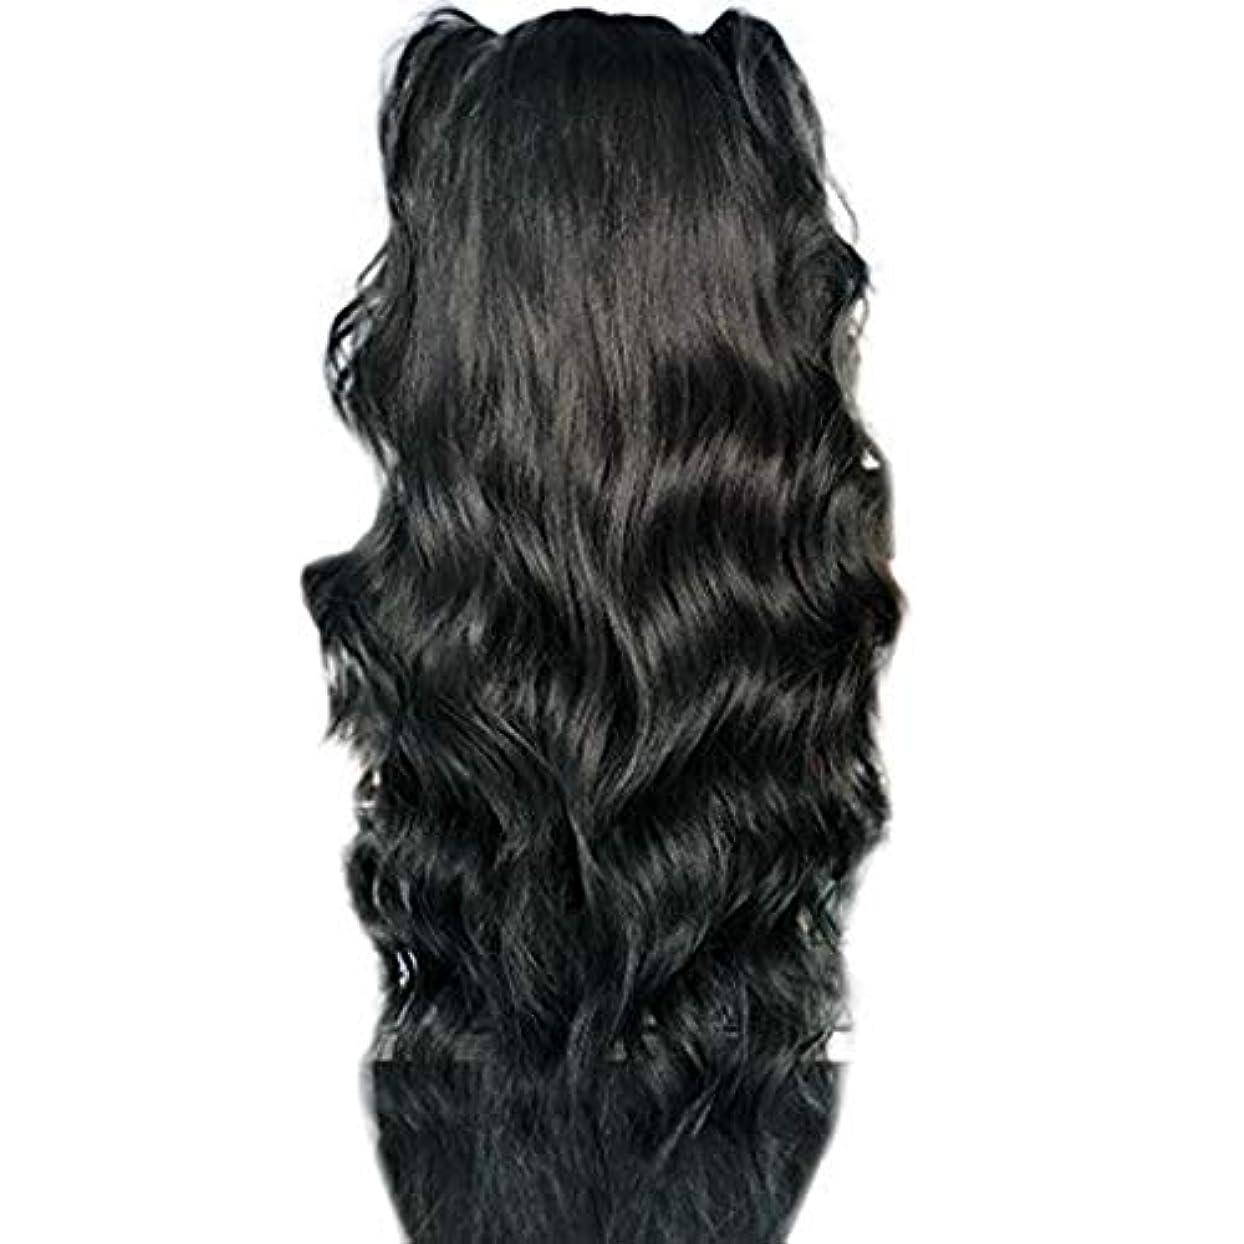 閃光自動的に厳かつら女性長い巻き毛の化学繊維高温シルクフロントレースかつら26インチ